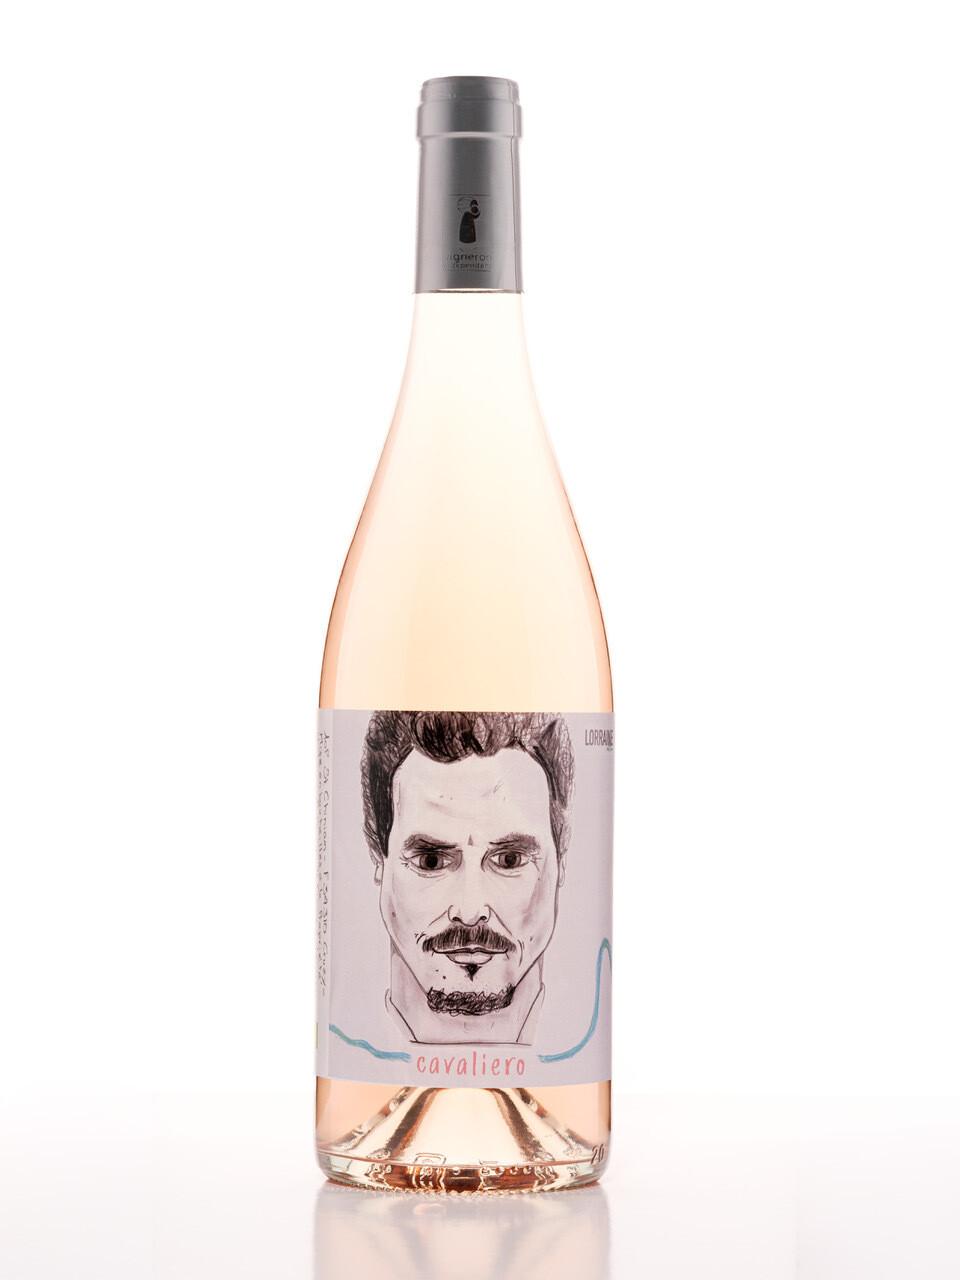 0,75l, Rosé, Cuvée Cavaliero, Lorraine édition, Mas de Cynanque, AOP St-chinain 2019 BIO